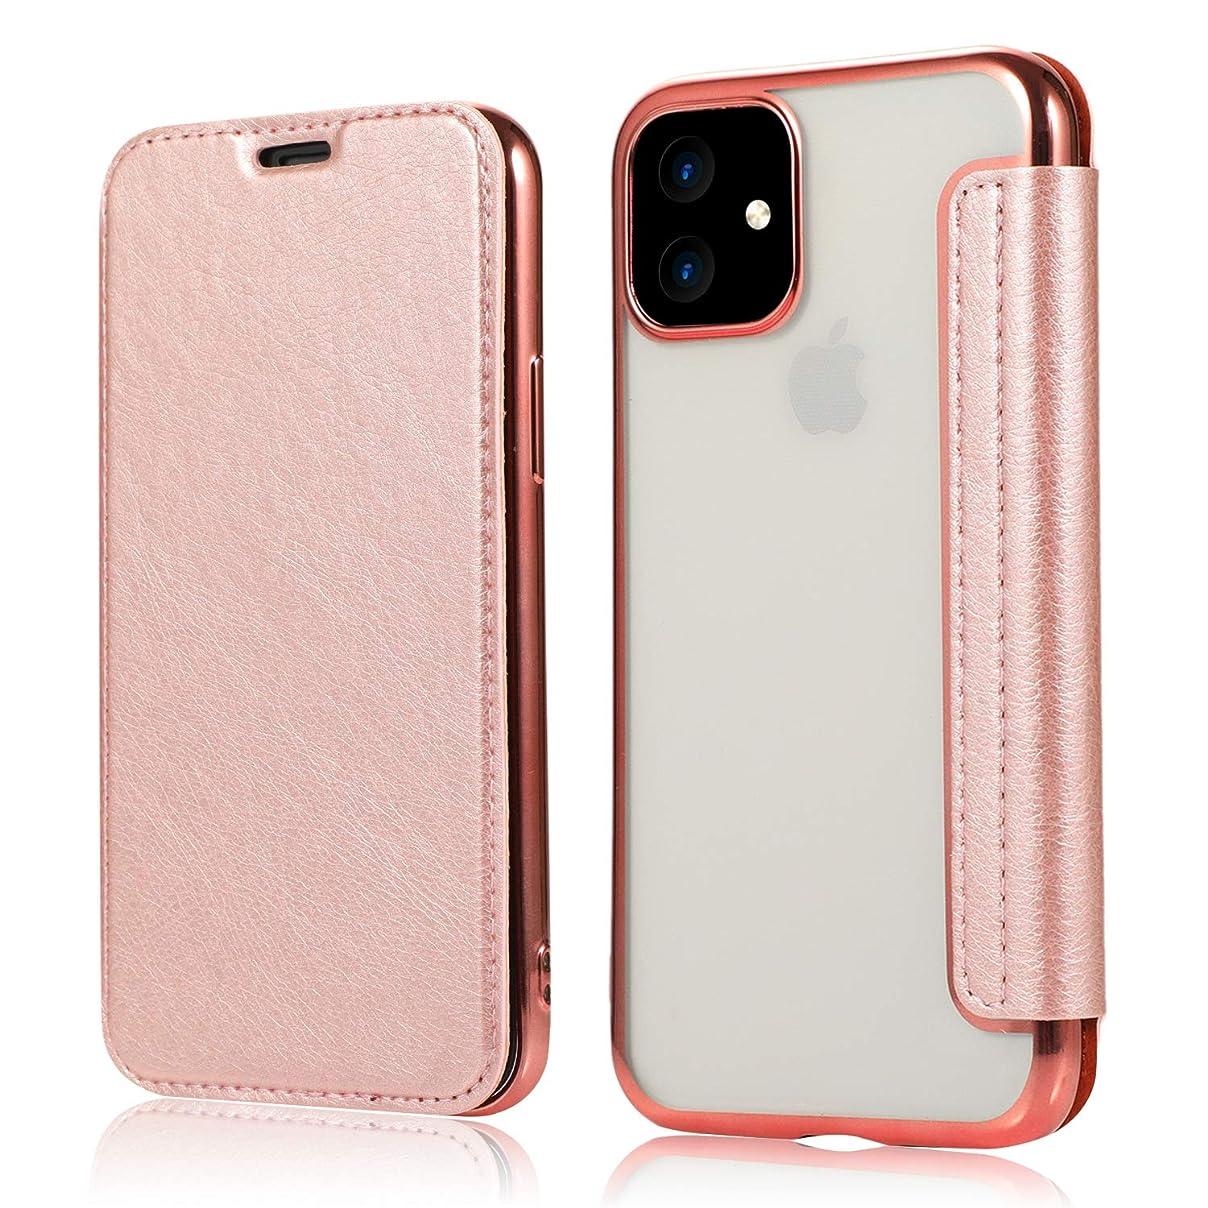 アレルギー性石のダースYUYIB iPhone 11 ケース 手帳型 クリア 背面 薄型 透明 高級なPUレザー 衝撃吸収 シンプル カード収納 純正 携帯カバー iPhone11 6.1